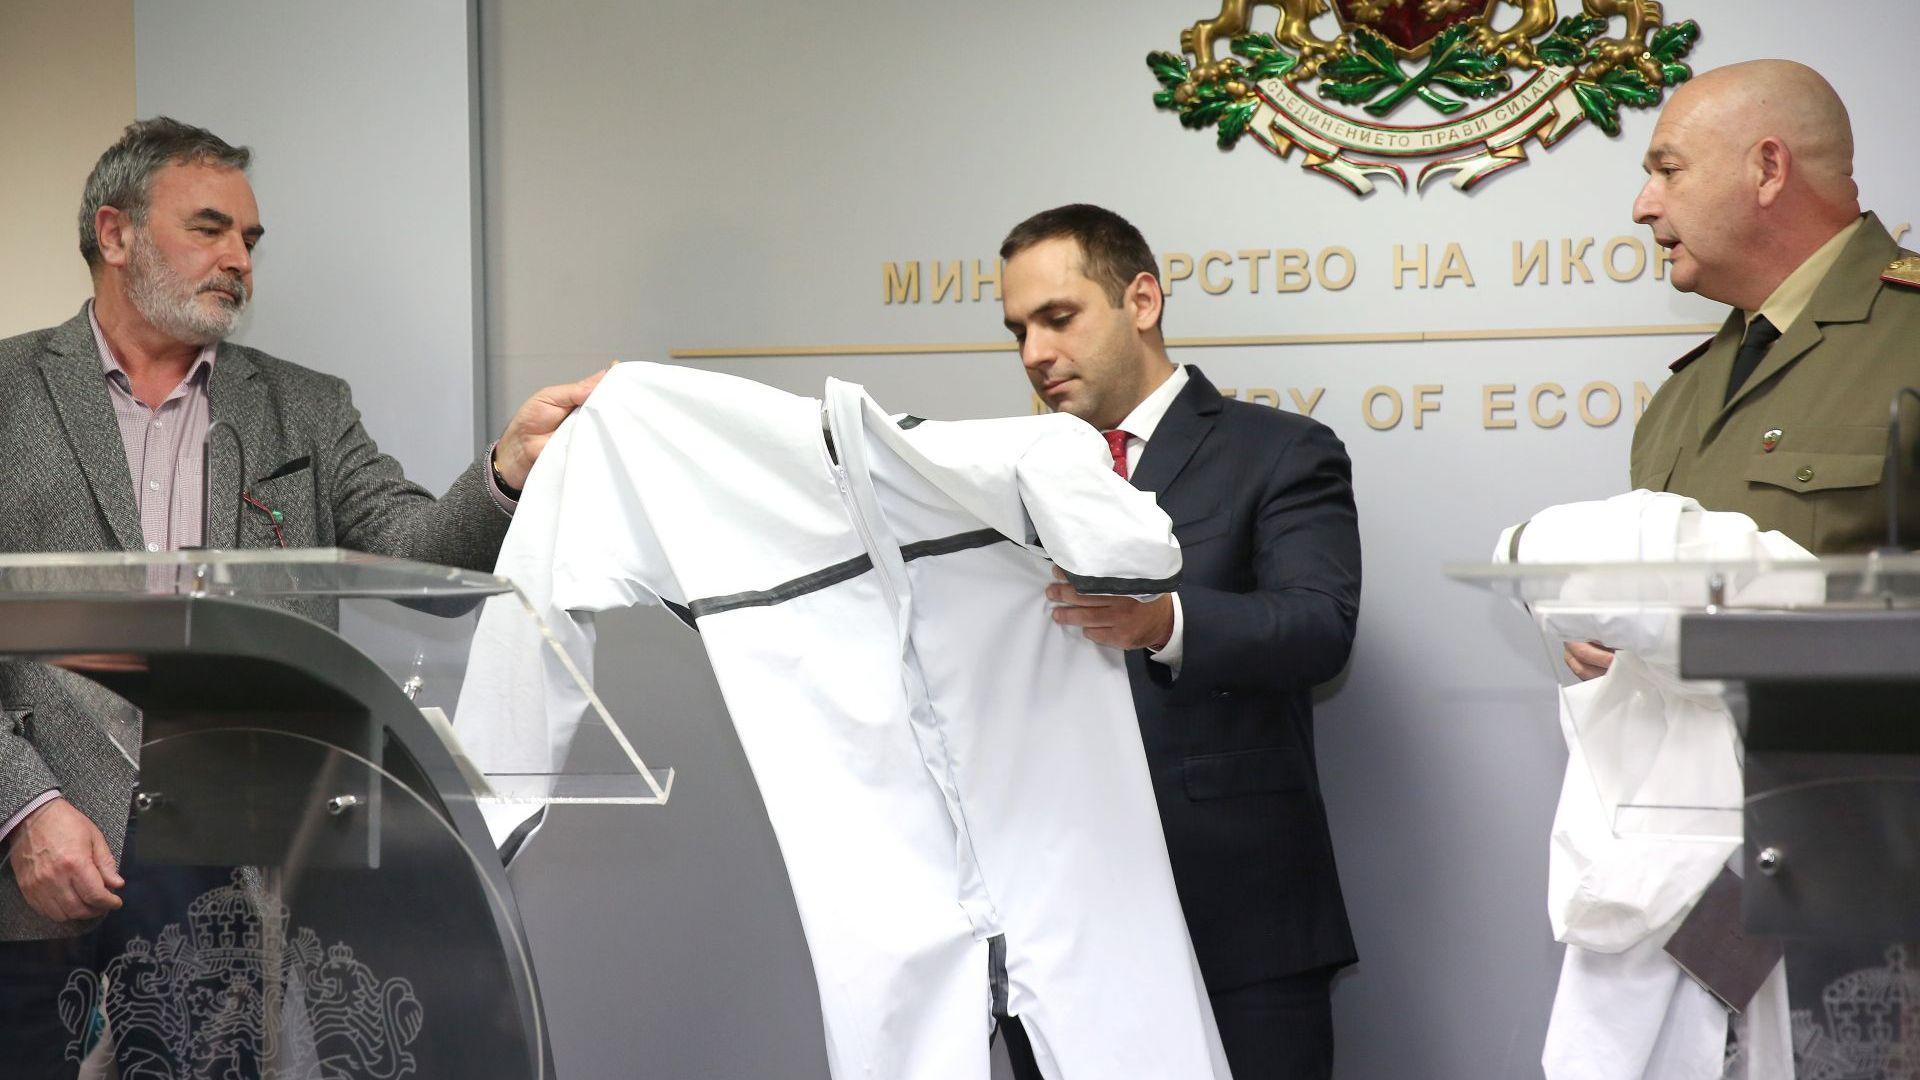 Български фирми започват производство на плат и защитни облека за медицинските екипи